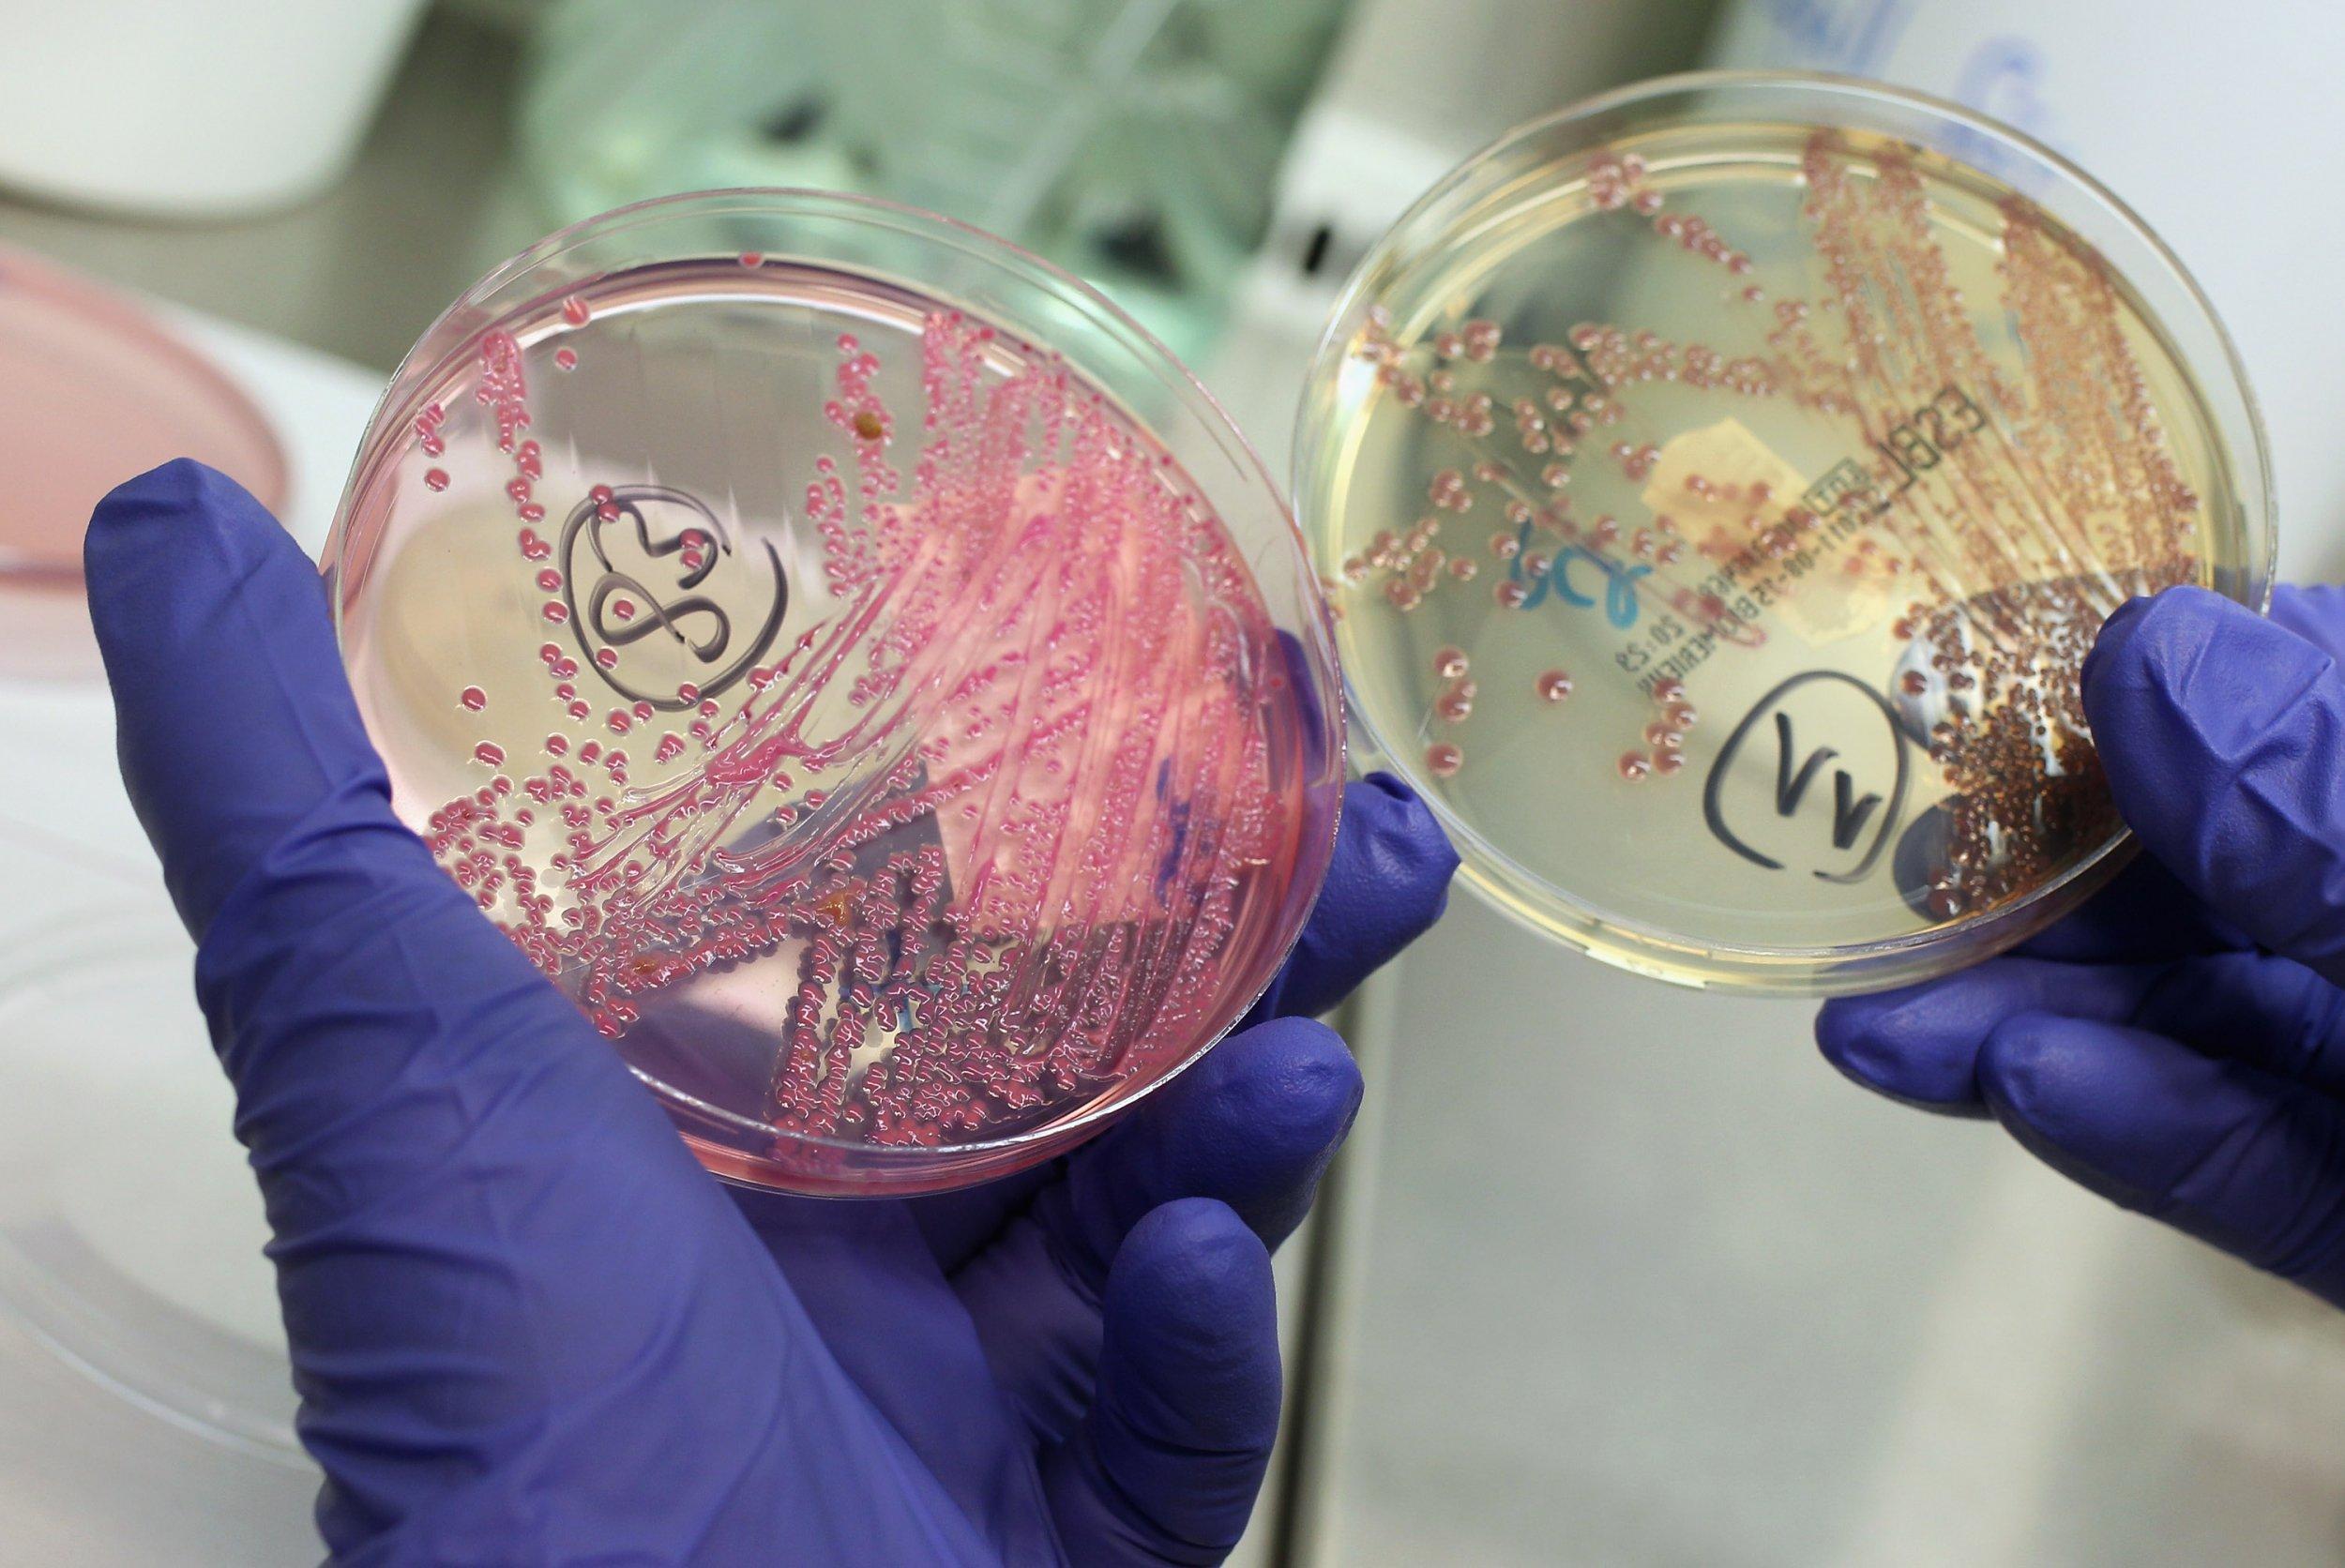 E. coli petri dish